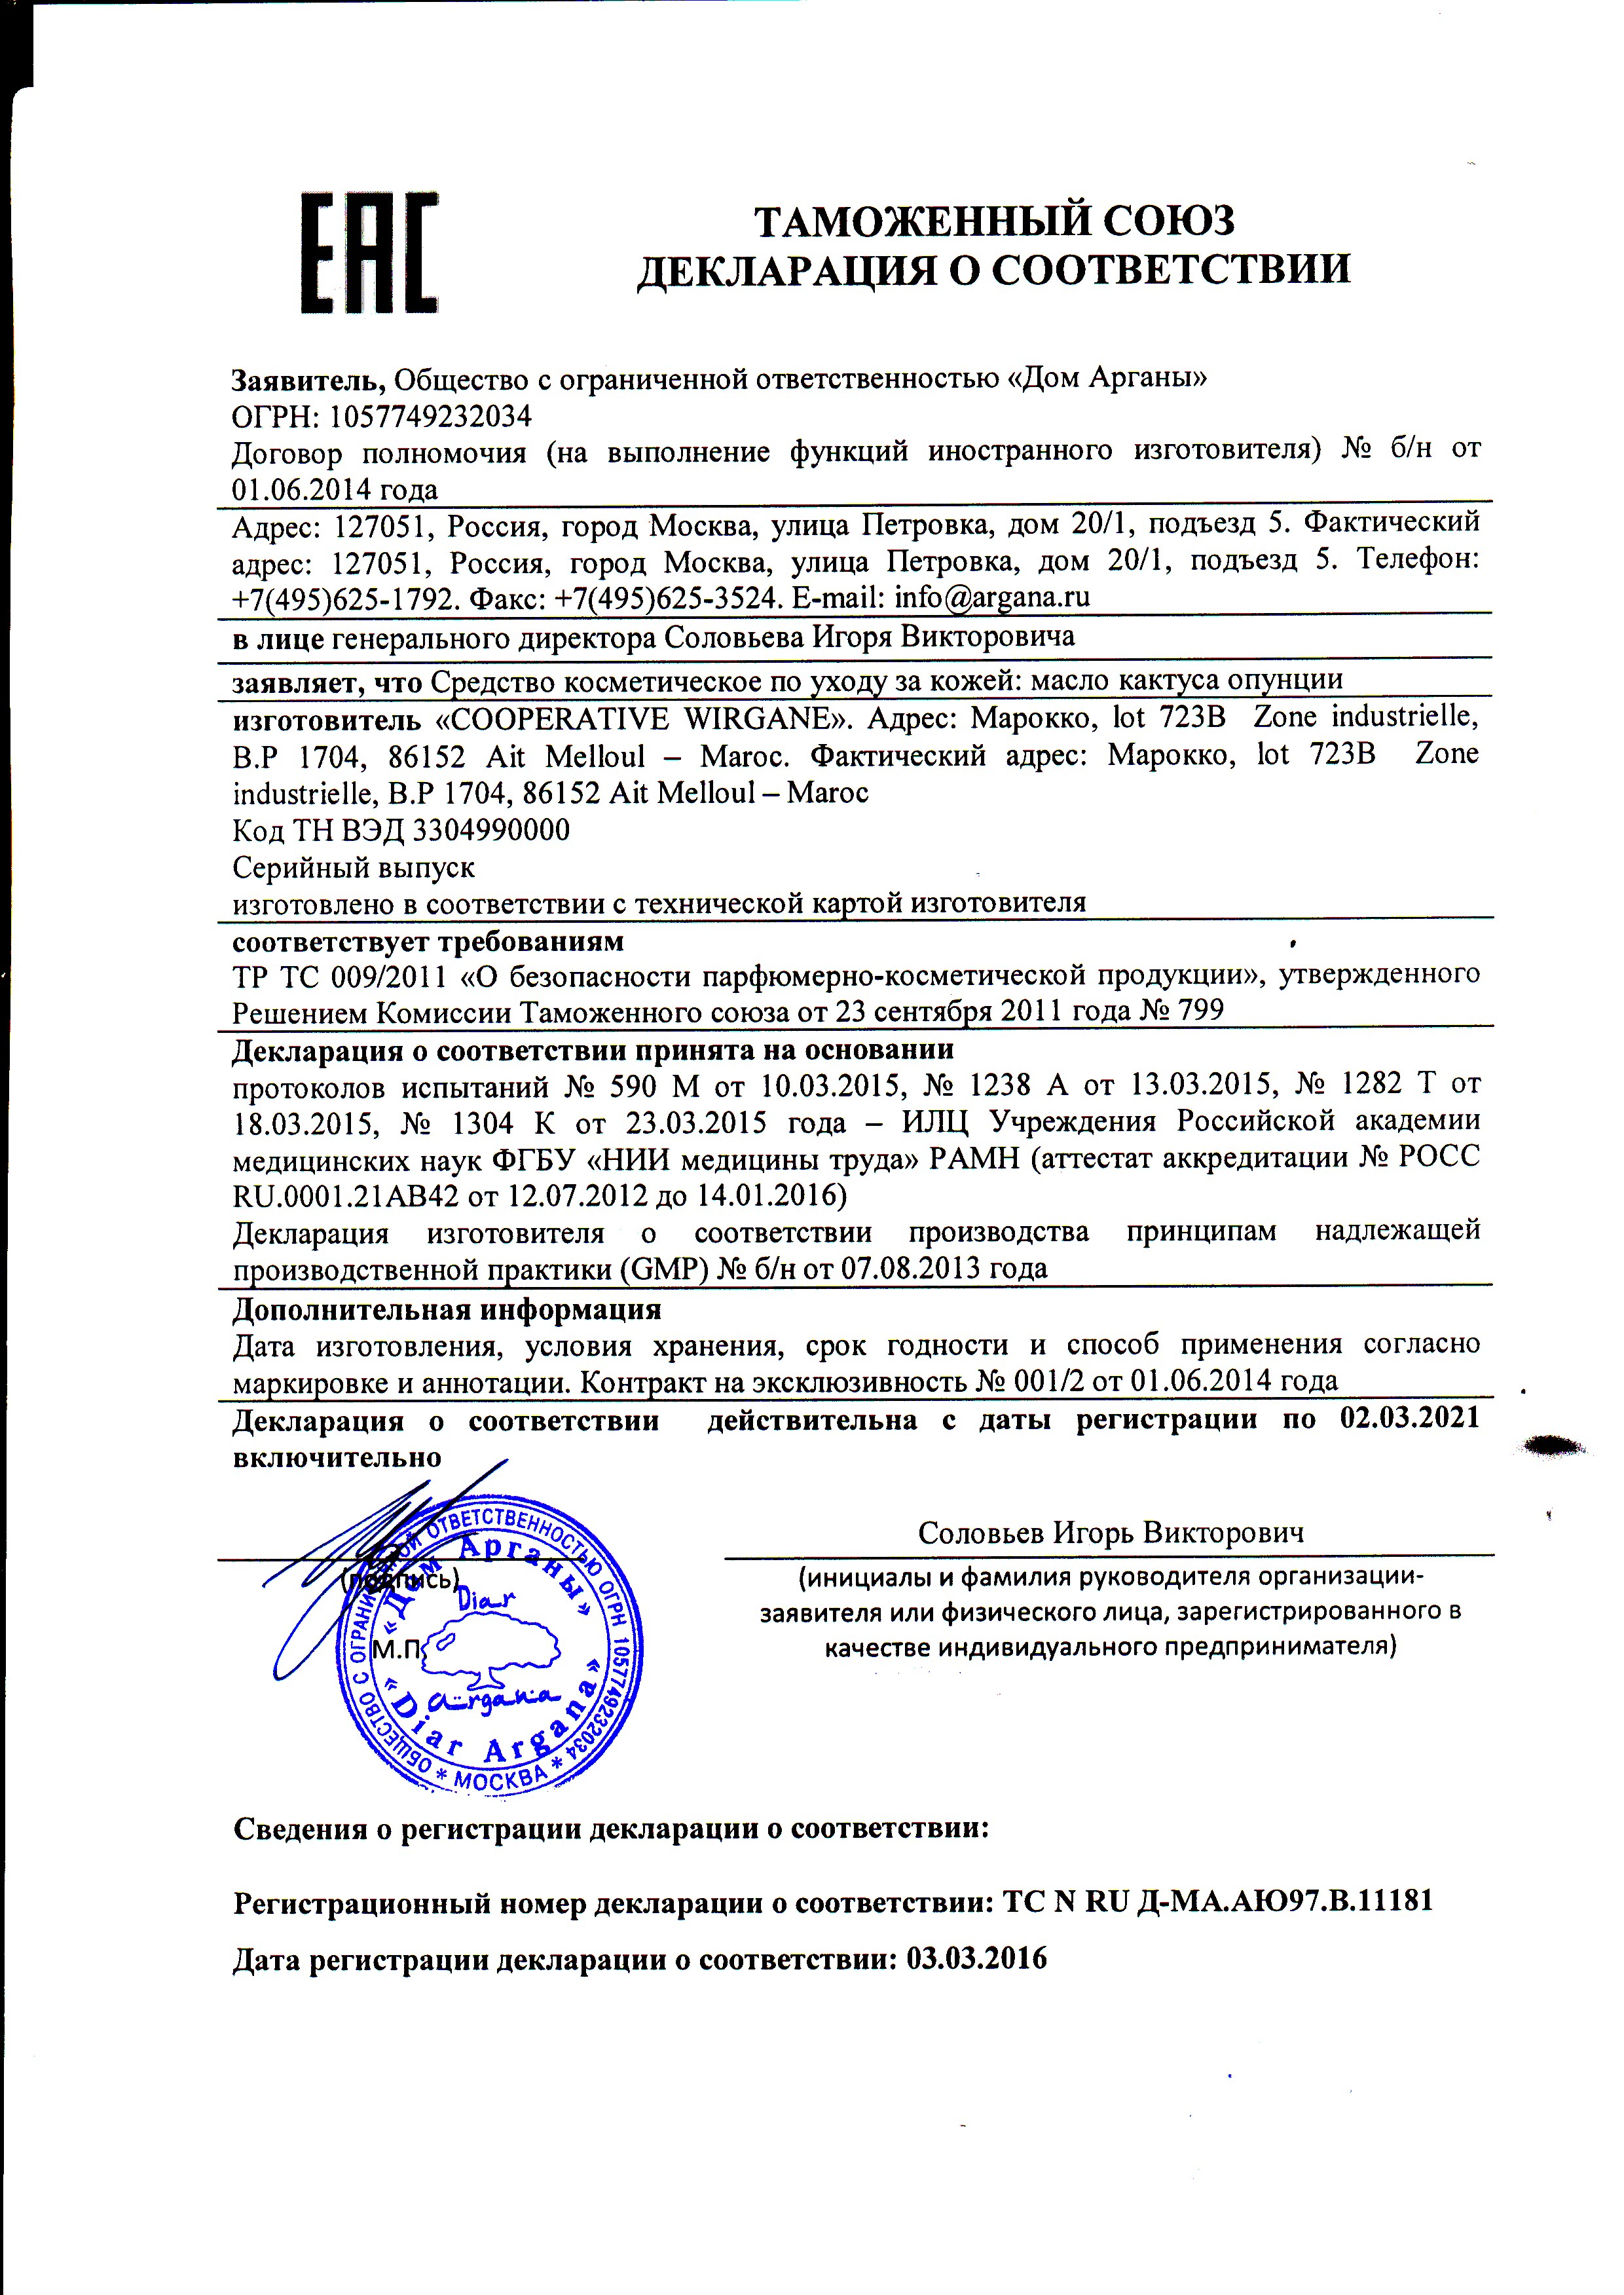 Декларация соответствия масло кактуса опунции